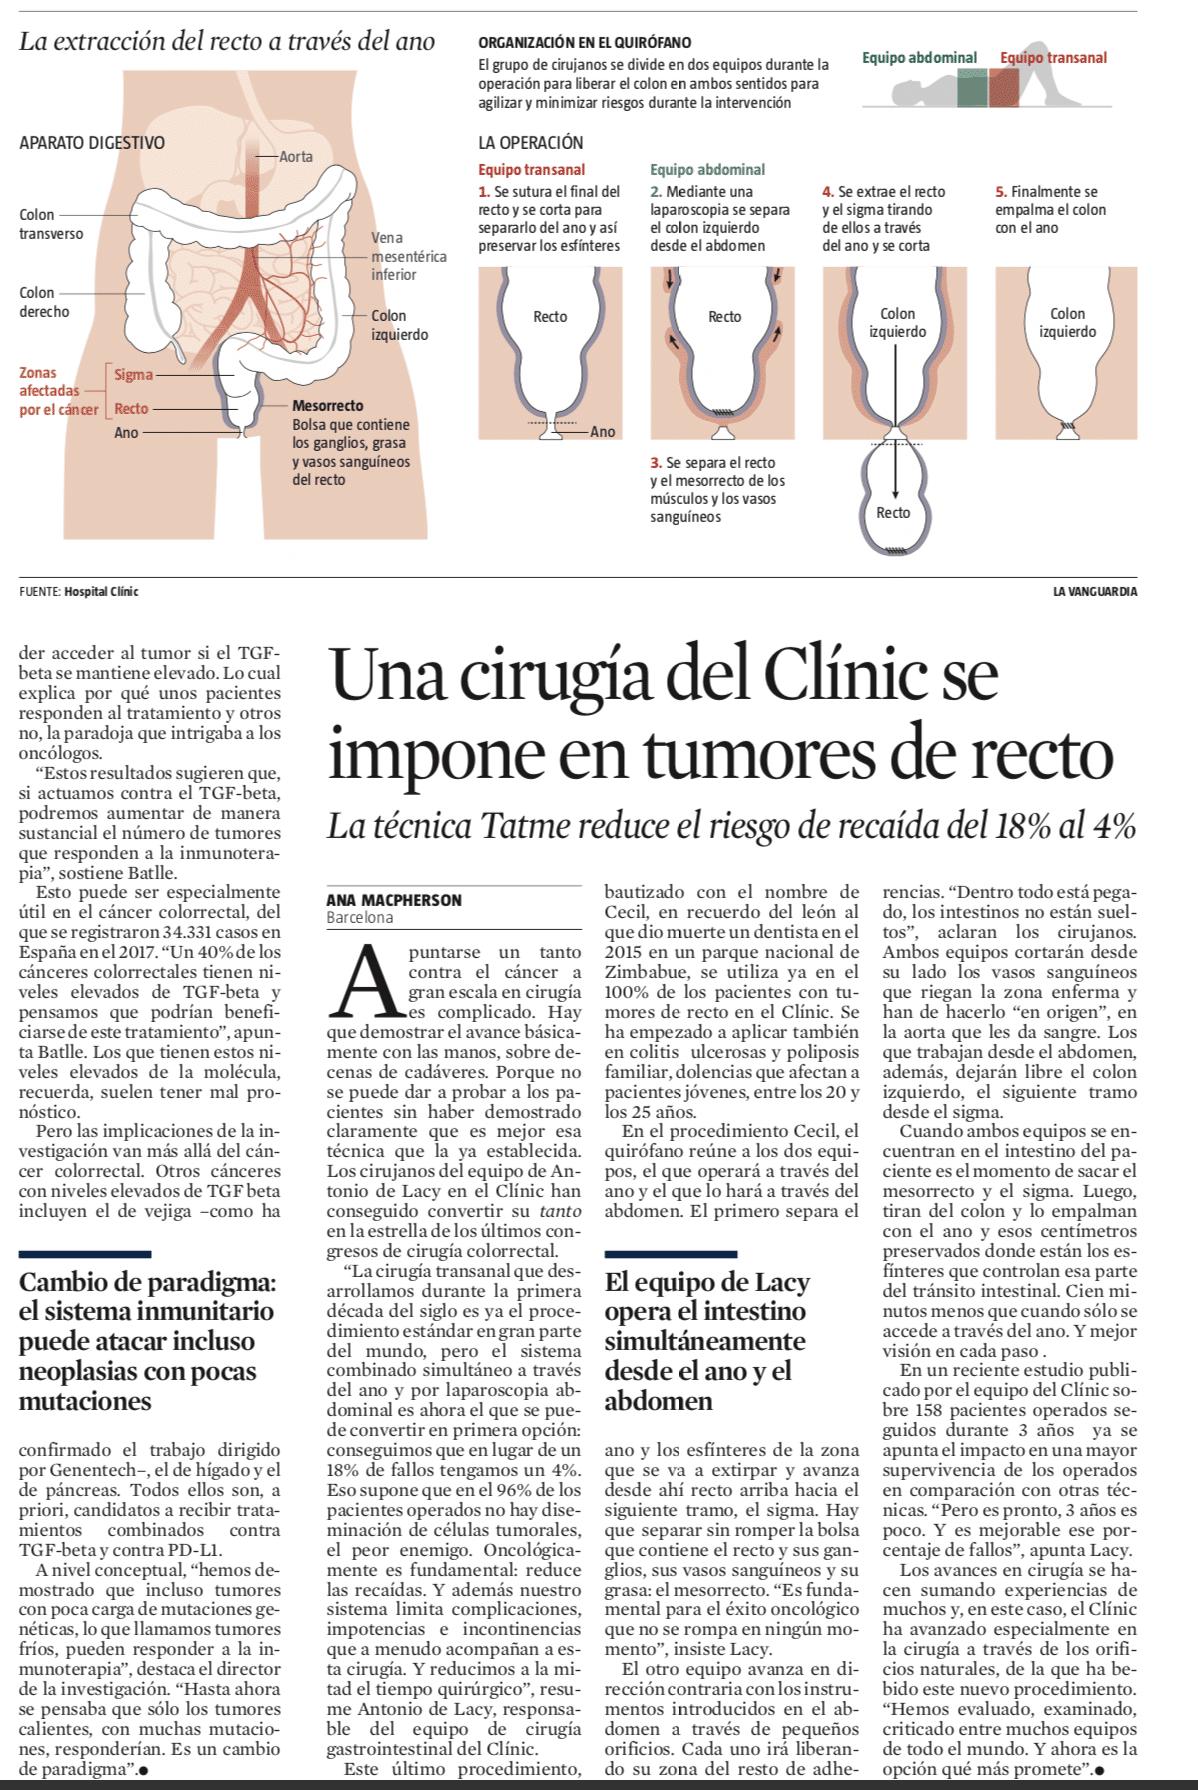 Cirugía del cáncer de colon